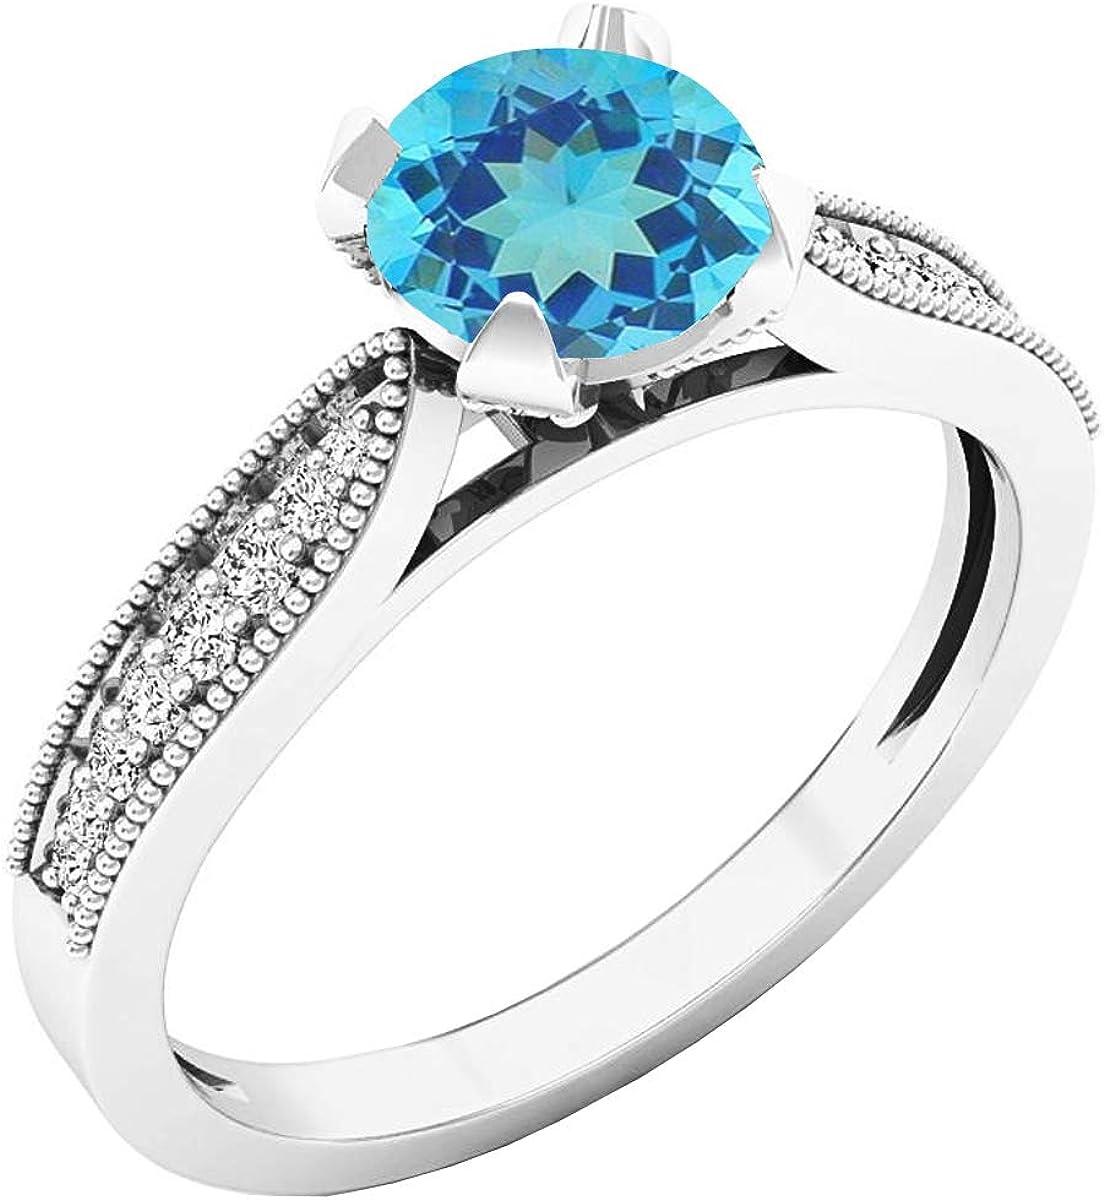 Max 74% Gifts OFF Dazzlingrock Collection 6 MM Round Bri Ladies Diamond Gemstone